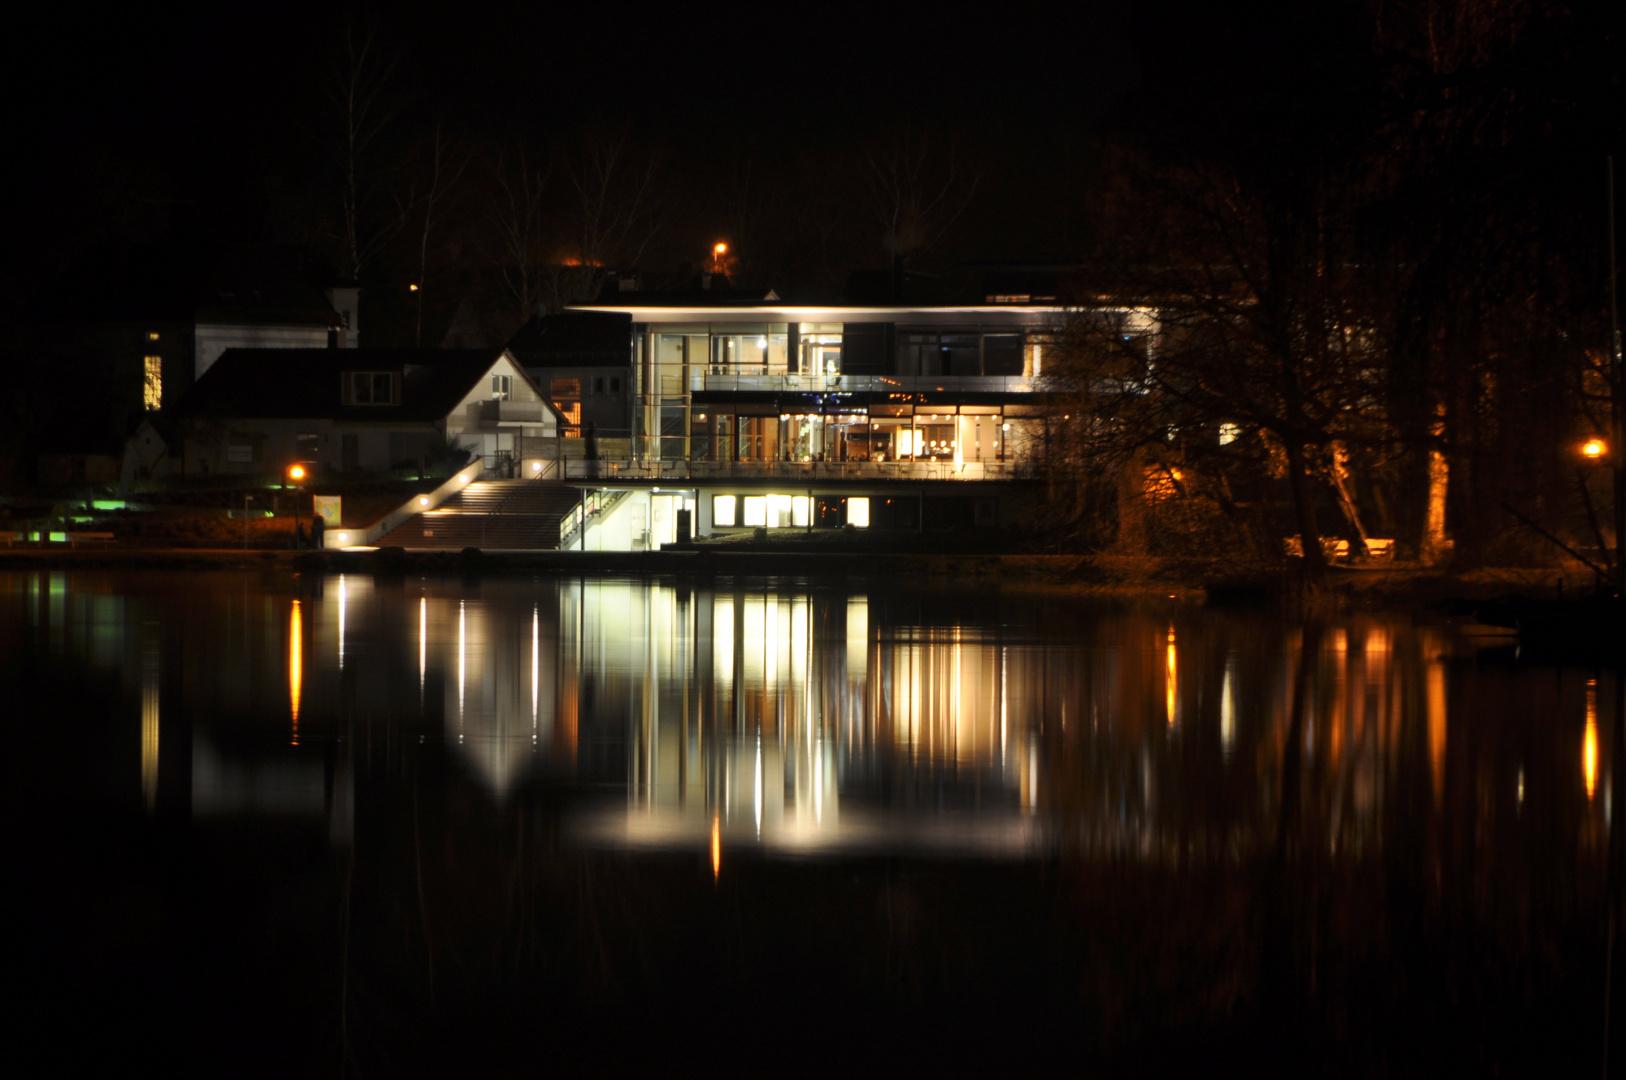 Bad Waldsee Haus am Stadtsee bei Nacht